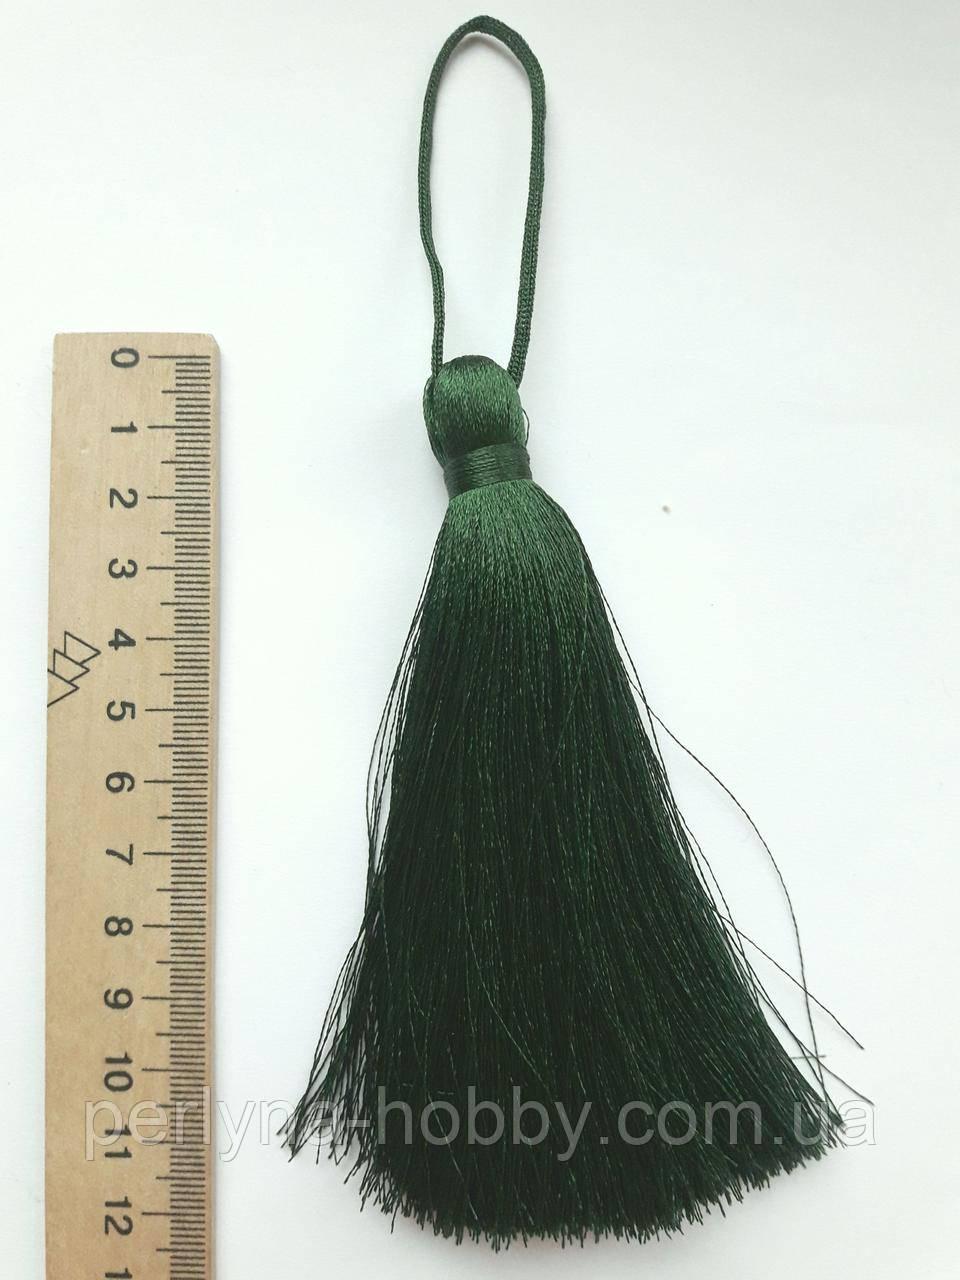 Кисти шелковые декоративные ( 1 шт ) Китиця декоративна велика 10-11 см, темно-зелена 0170, 1 шт.